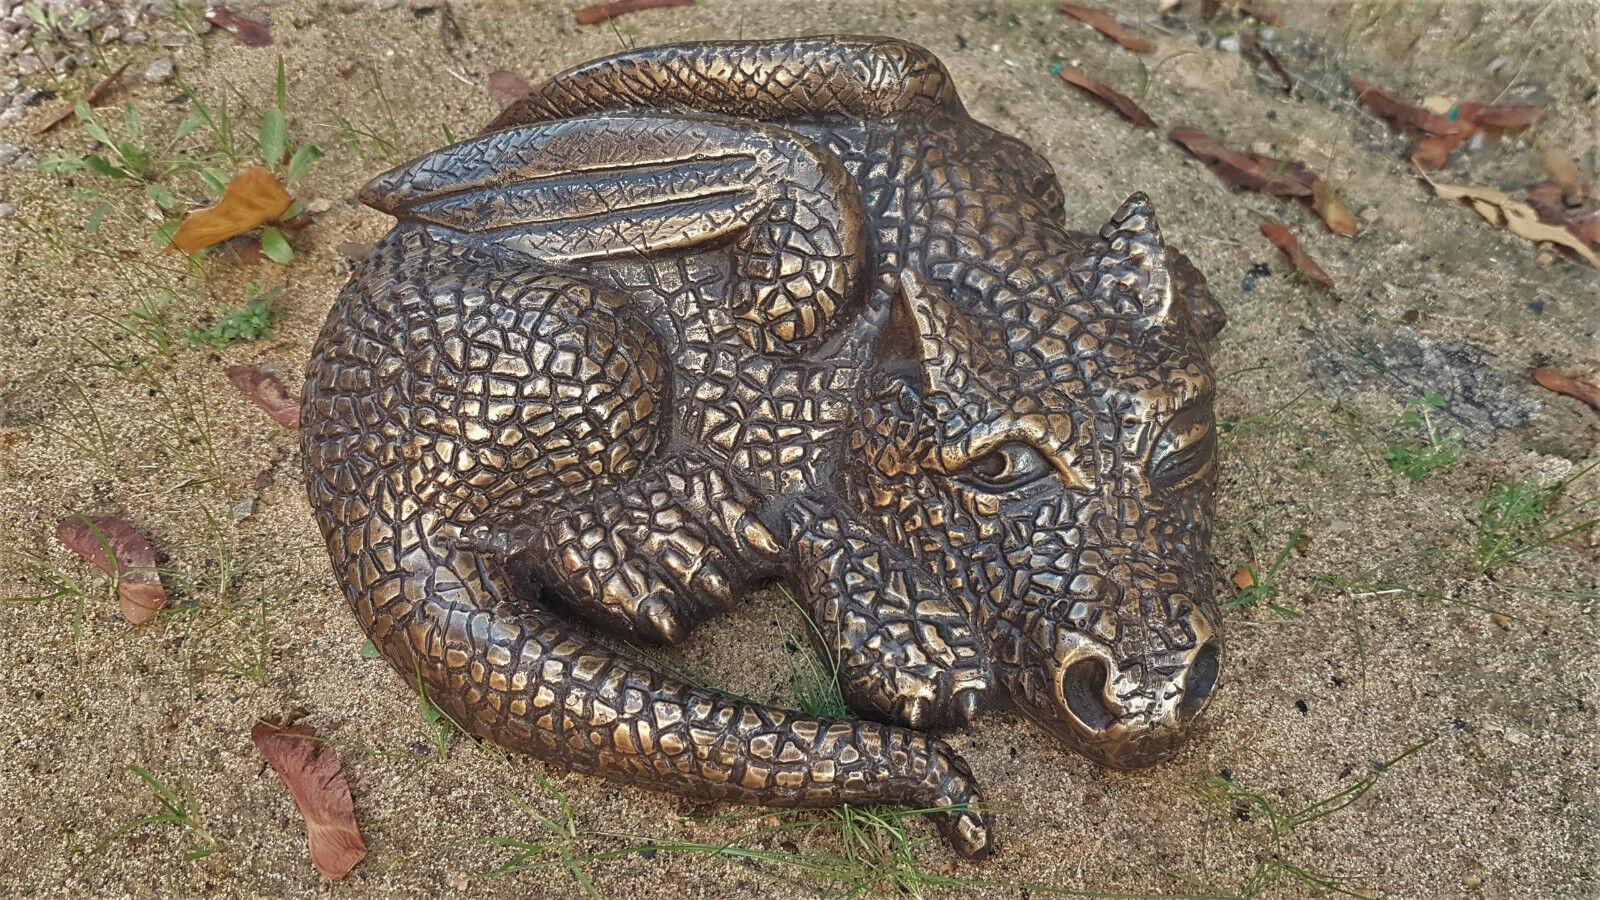 Drago bronzo per la decorazione o come regalo per amici draghi NUOVO mu-144